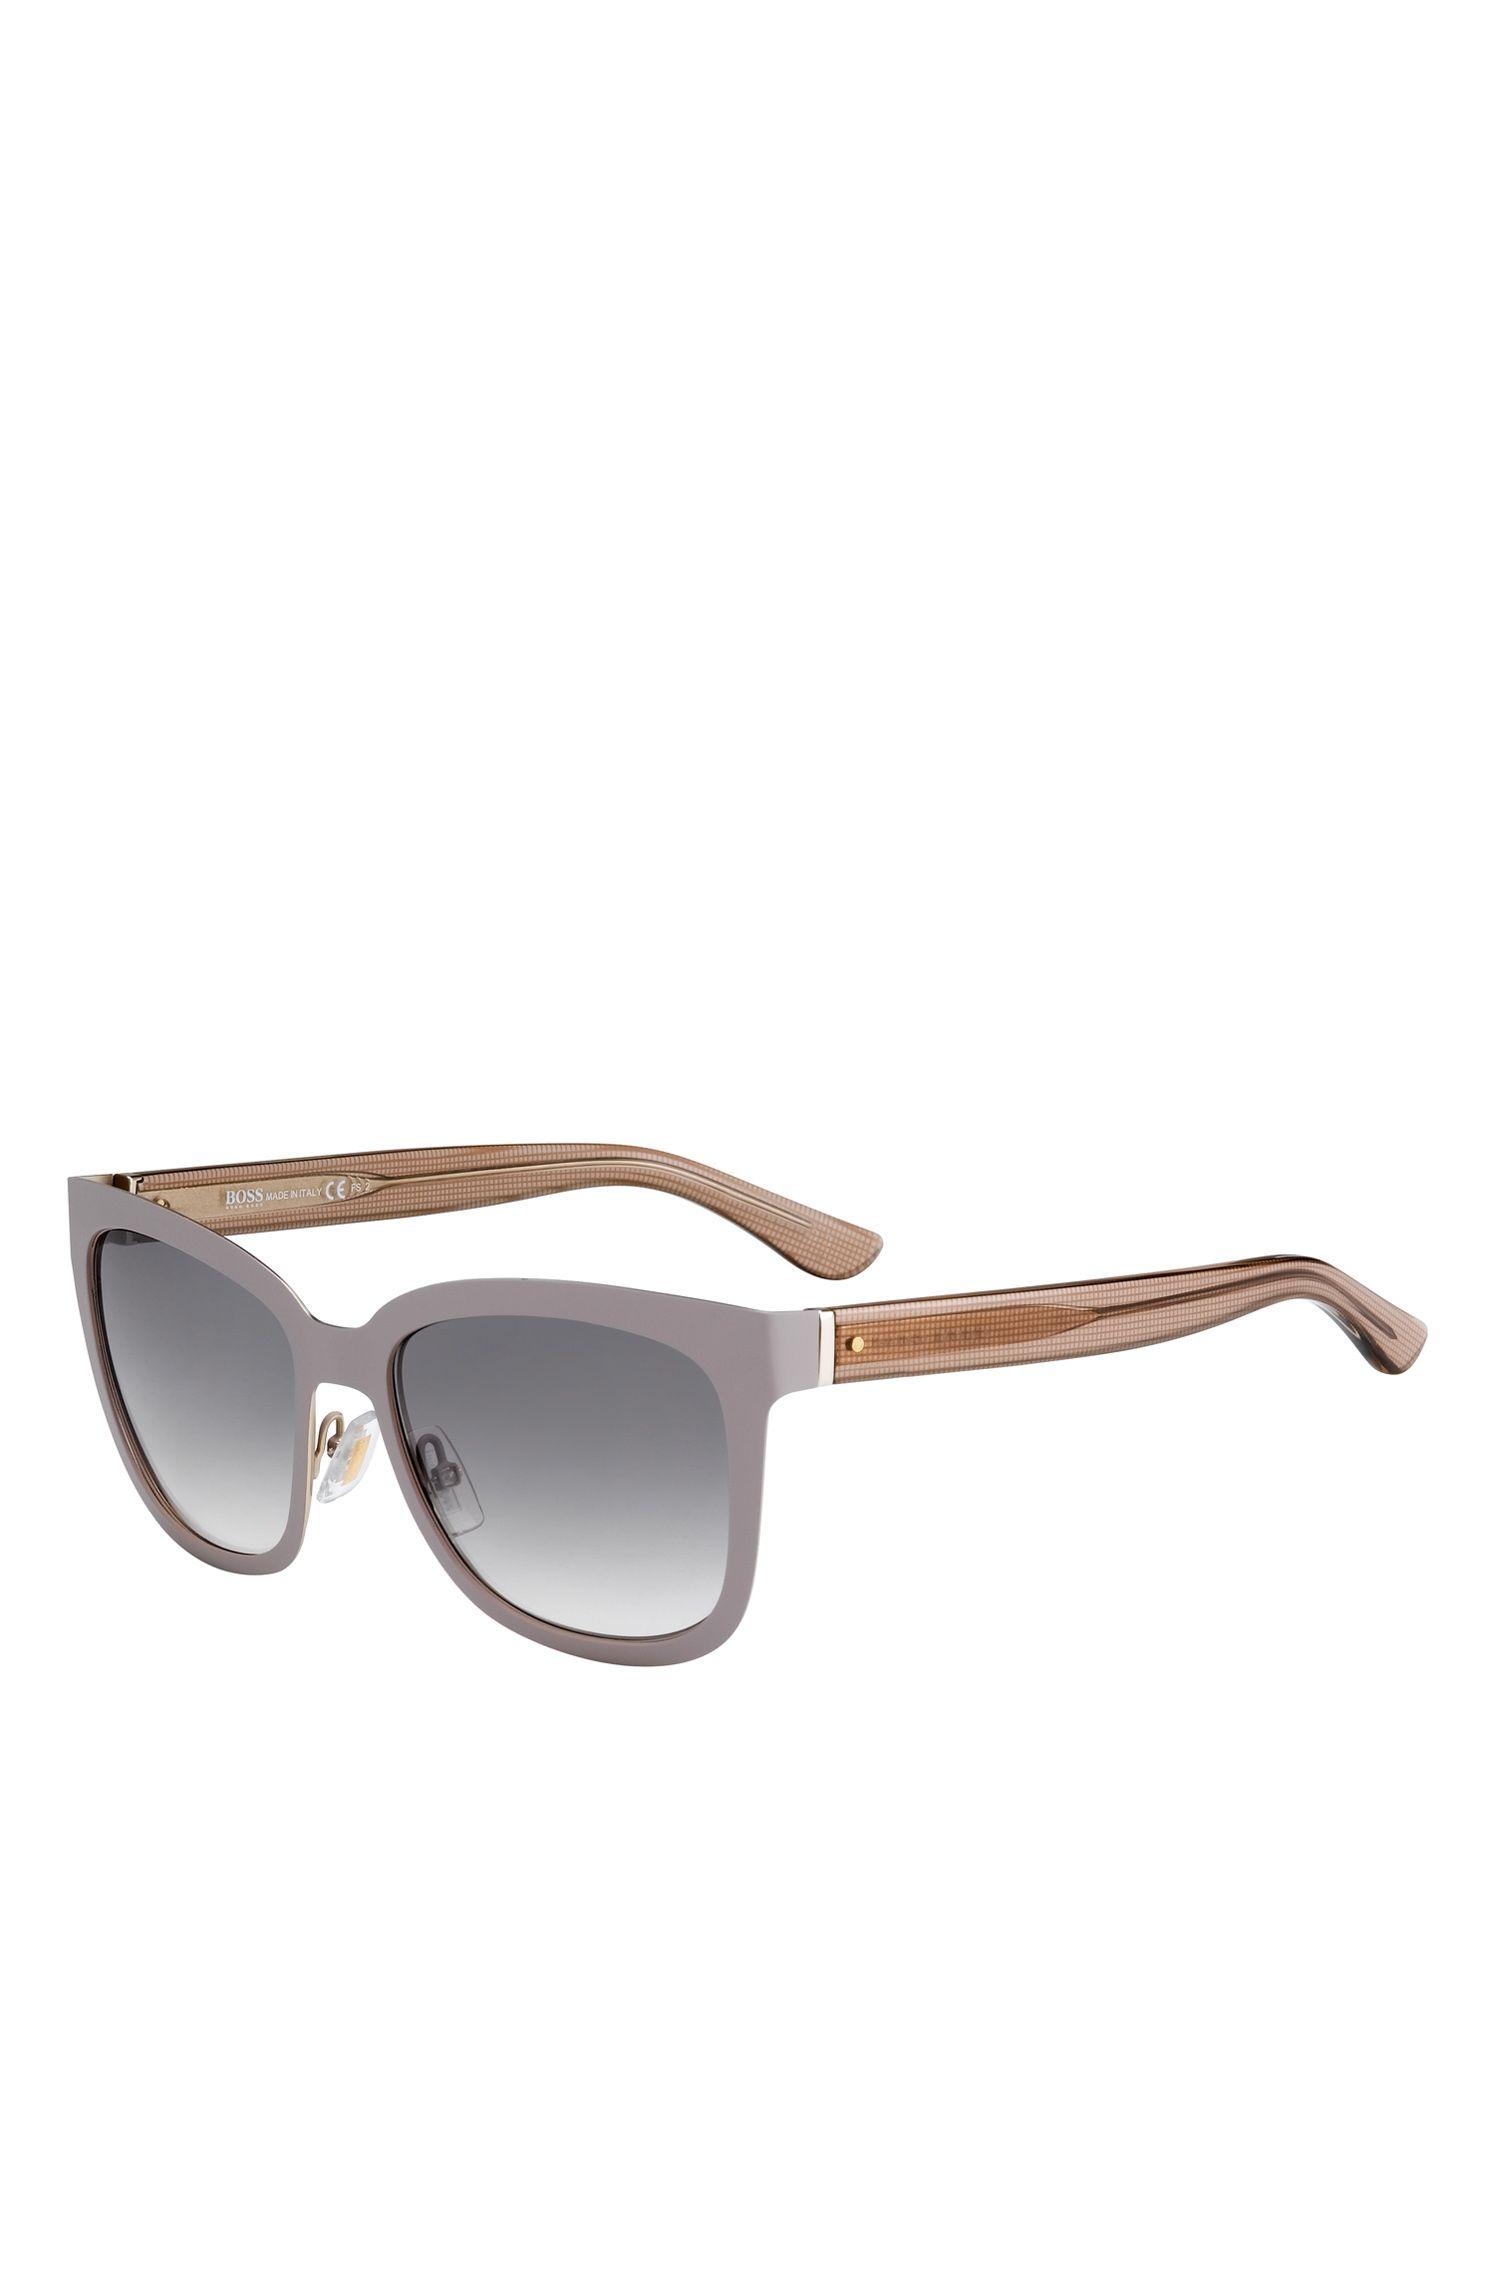 'BOSS 676S'   Gray Gradient Lens Rectangular Sunglasses